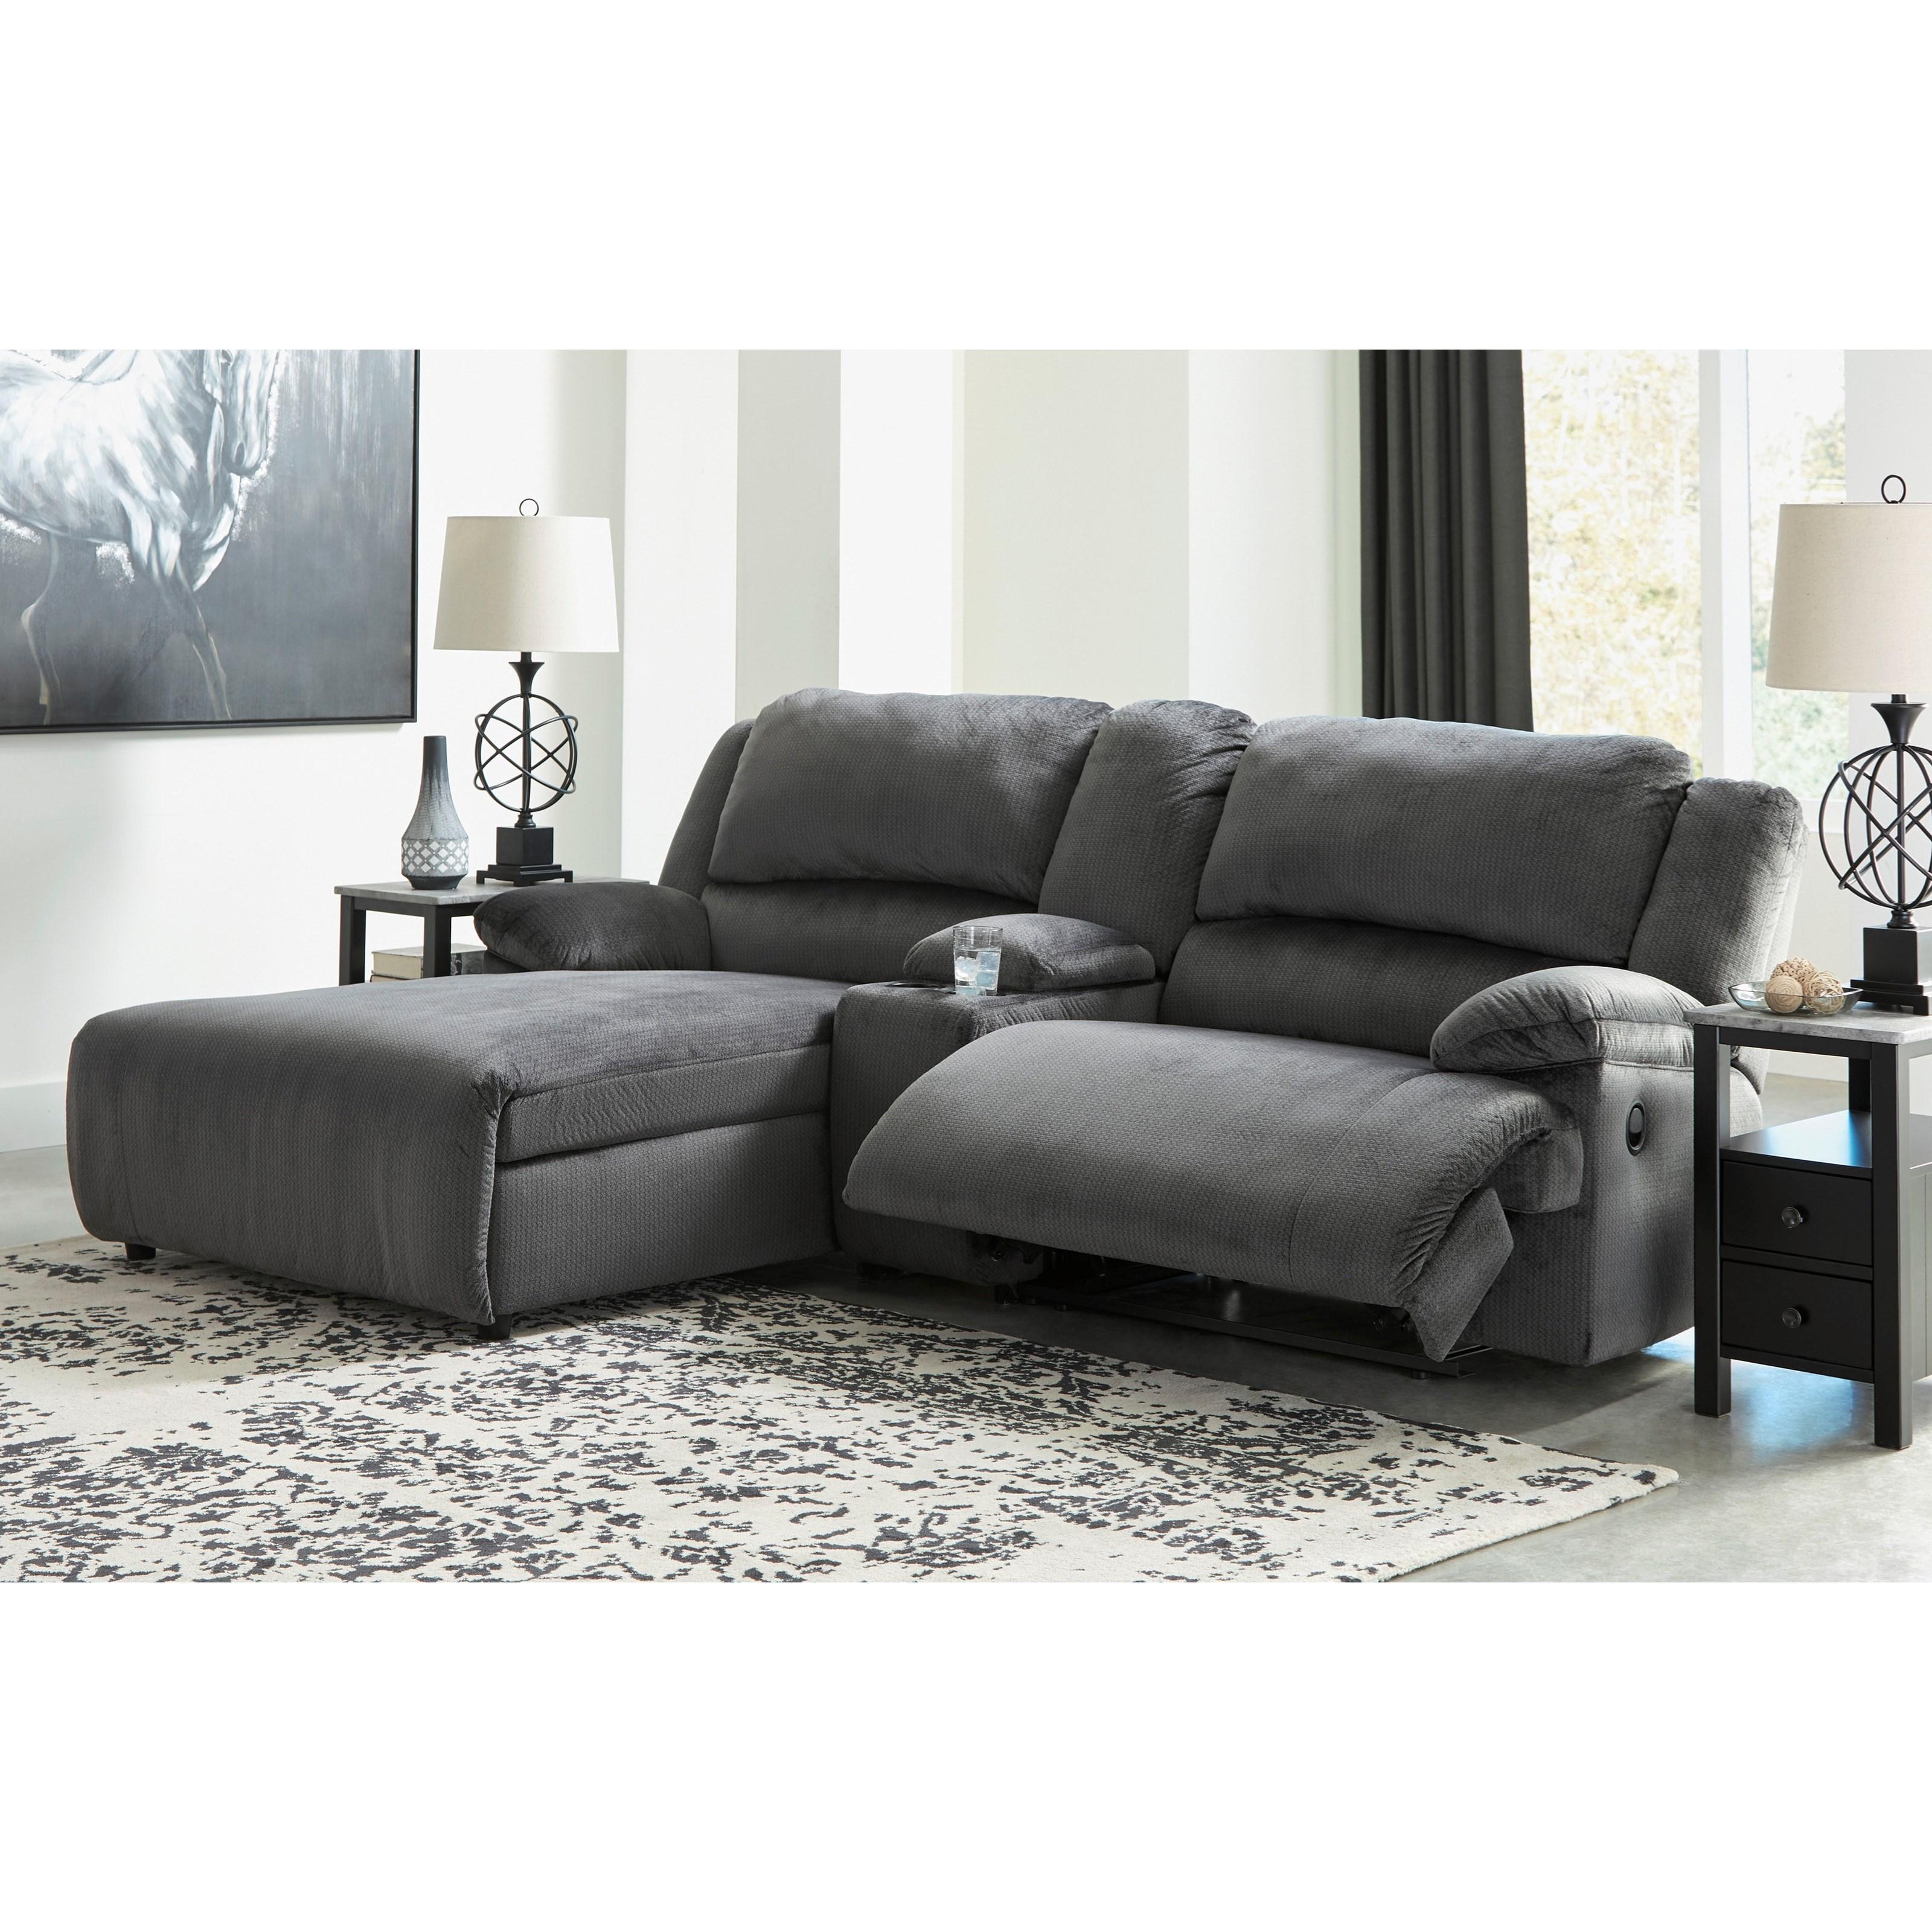 Charmant Becker Furniture World